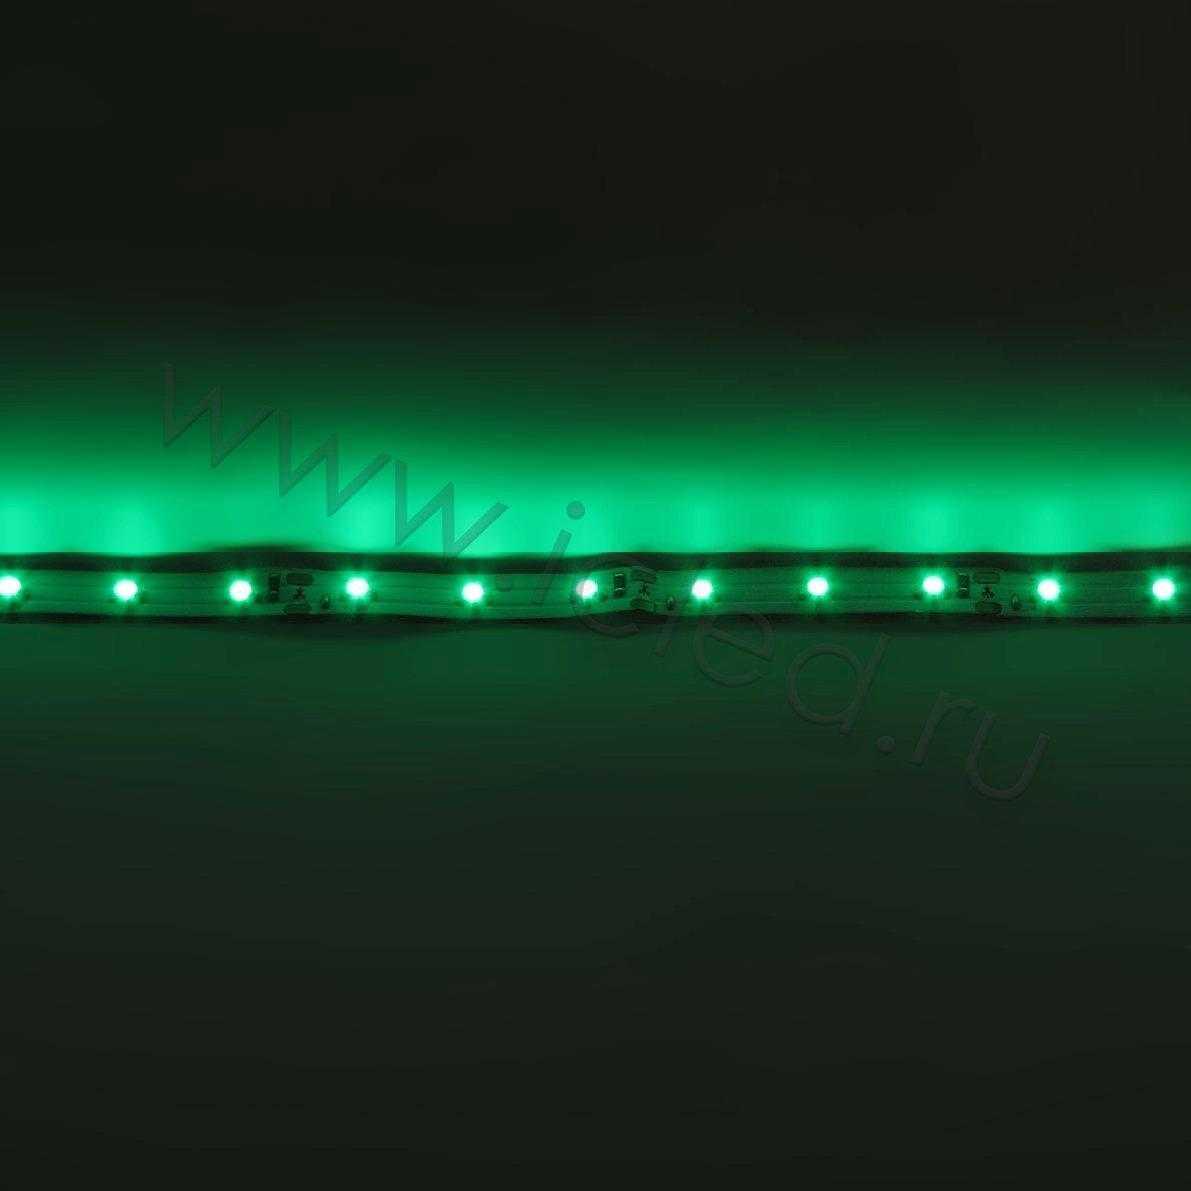 Светодиодная лента Econom class, 3528, 60led/m, Green, 12V, IP33